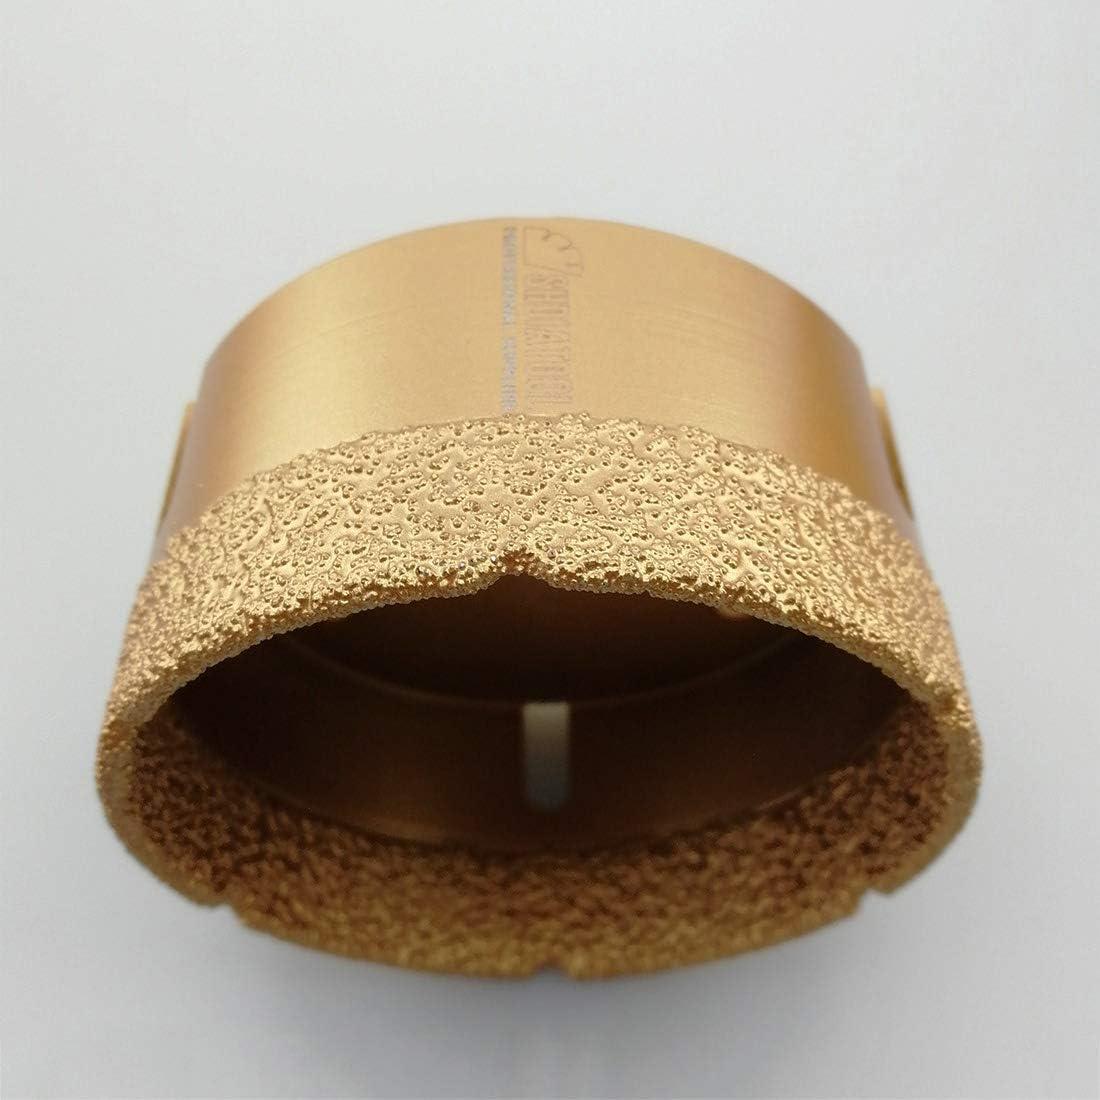 SHDIATOOL Broca de Diamante 38MM Vac/ío Soldadura para Perforaci/ón en Seco Porcelana Azulejo Granito M/ármol M14